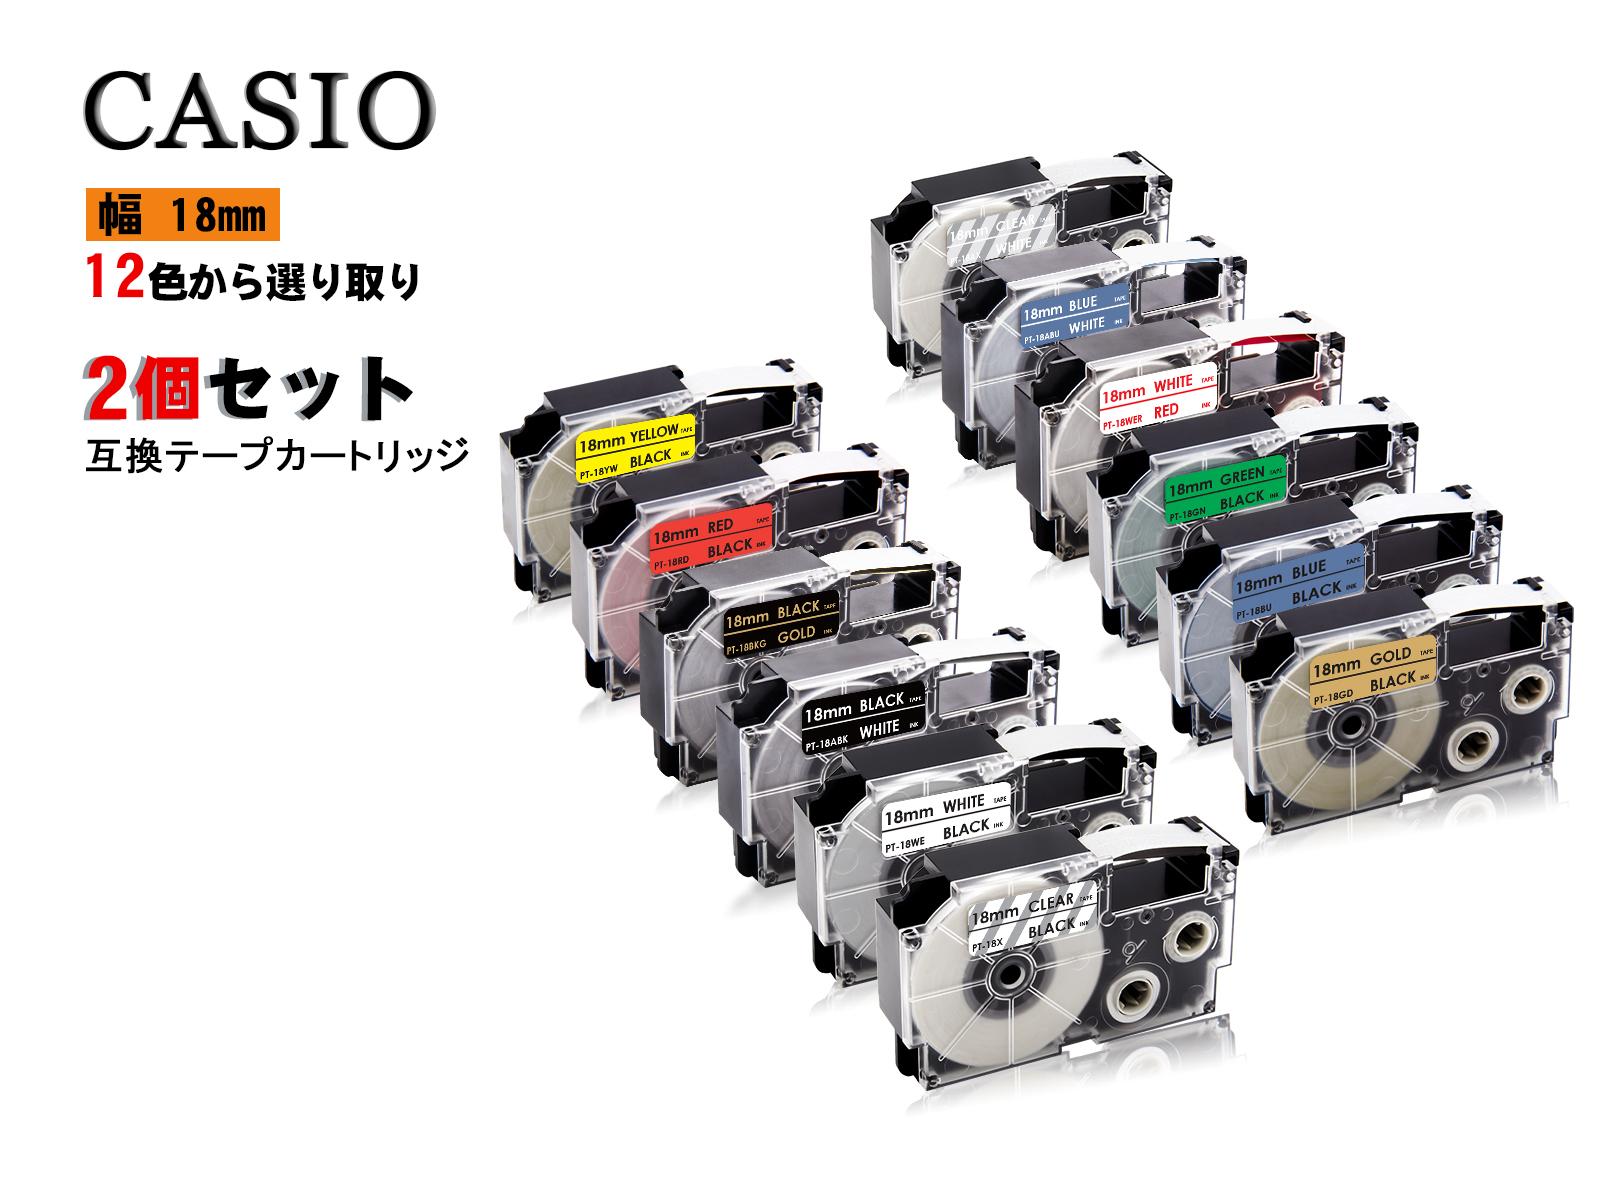 最安 新発売セール 定価 強粘着 Casio casio カシオ ネームランド 互換 テープカートリッジ テプラテープ 8m 長さ カラーラベル 人気商品 2年保証可能 全 2個セット 12色 18mm カシオ用 幅